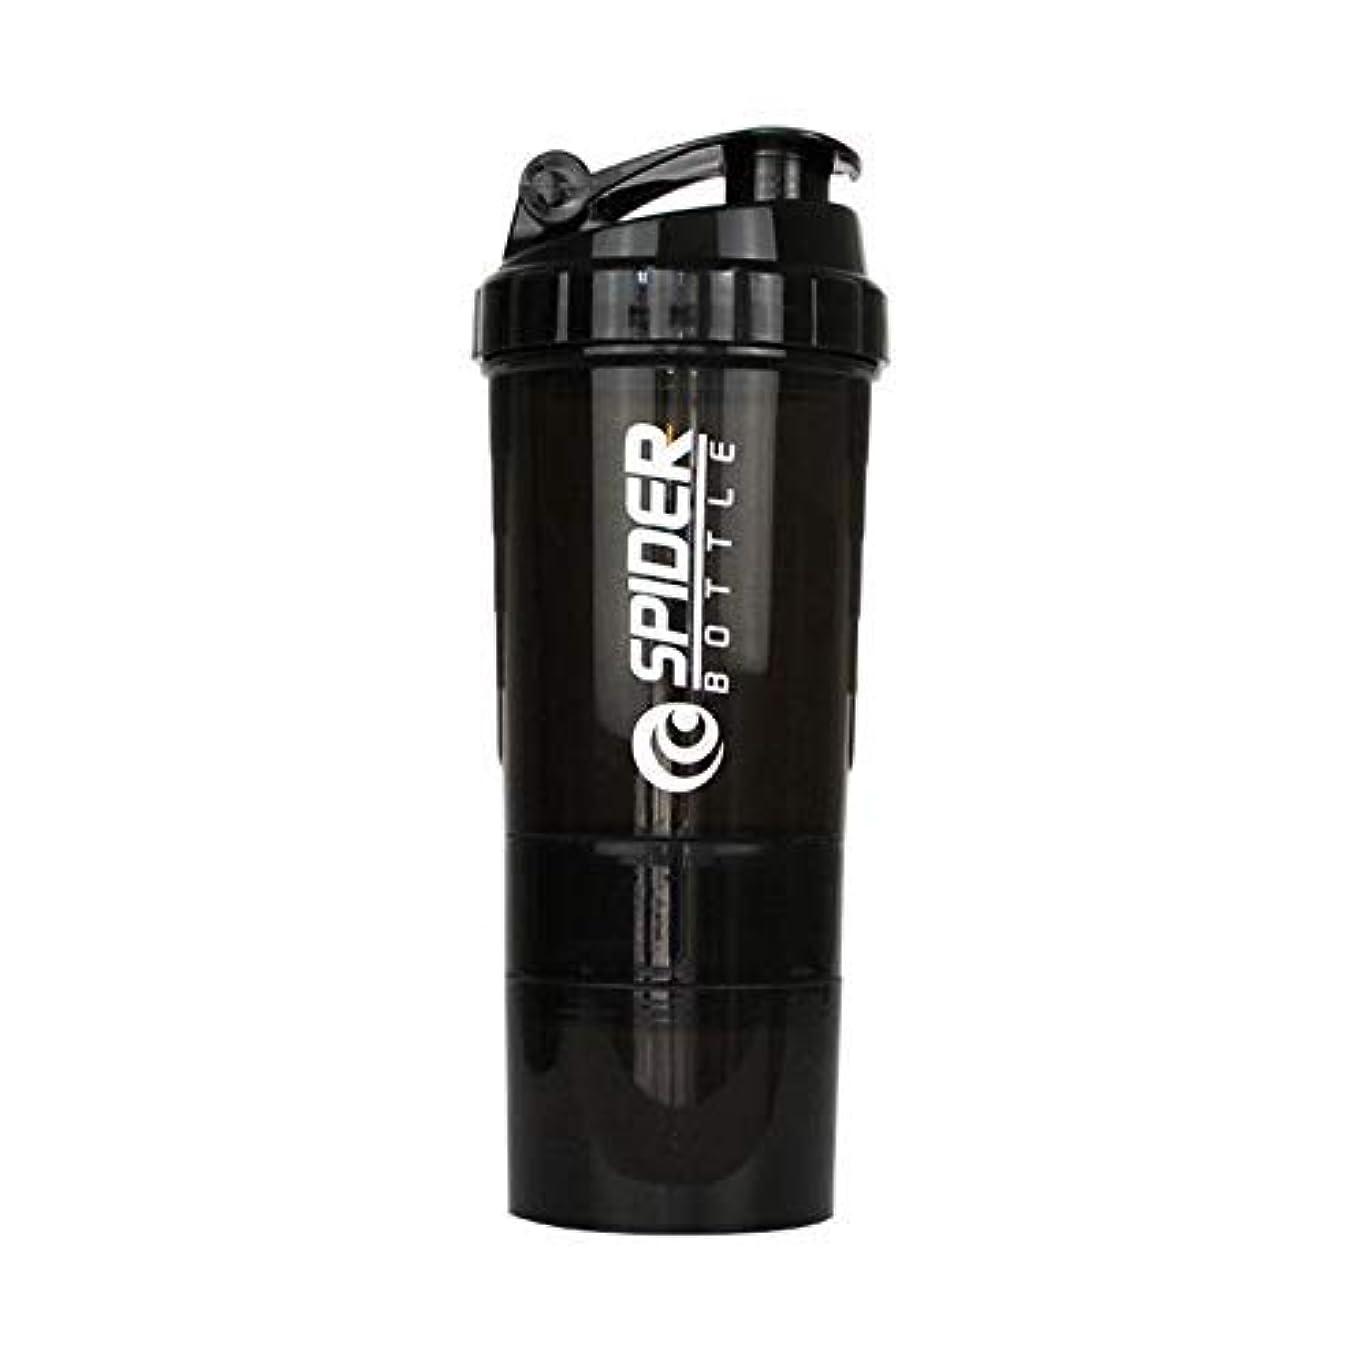 分析的な唯一保持ブレンダーボトル プロテインシェイカー 500ml シェーカーボトル (ブラック)